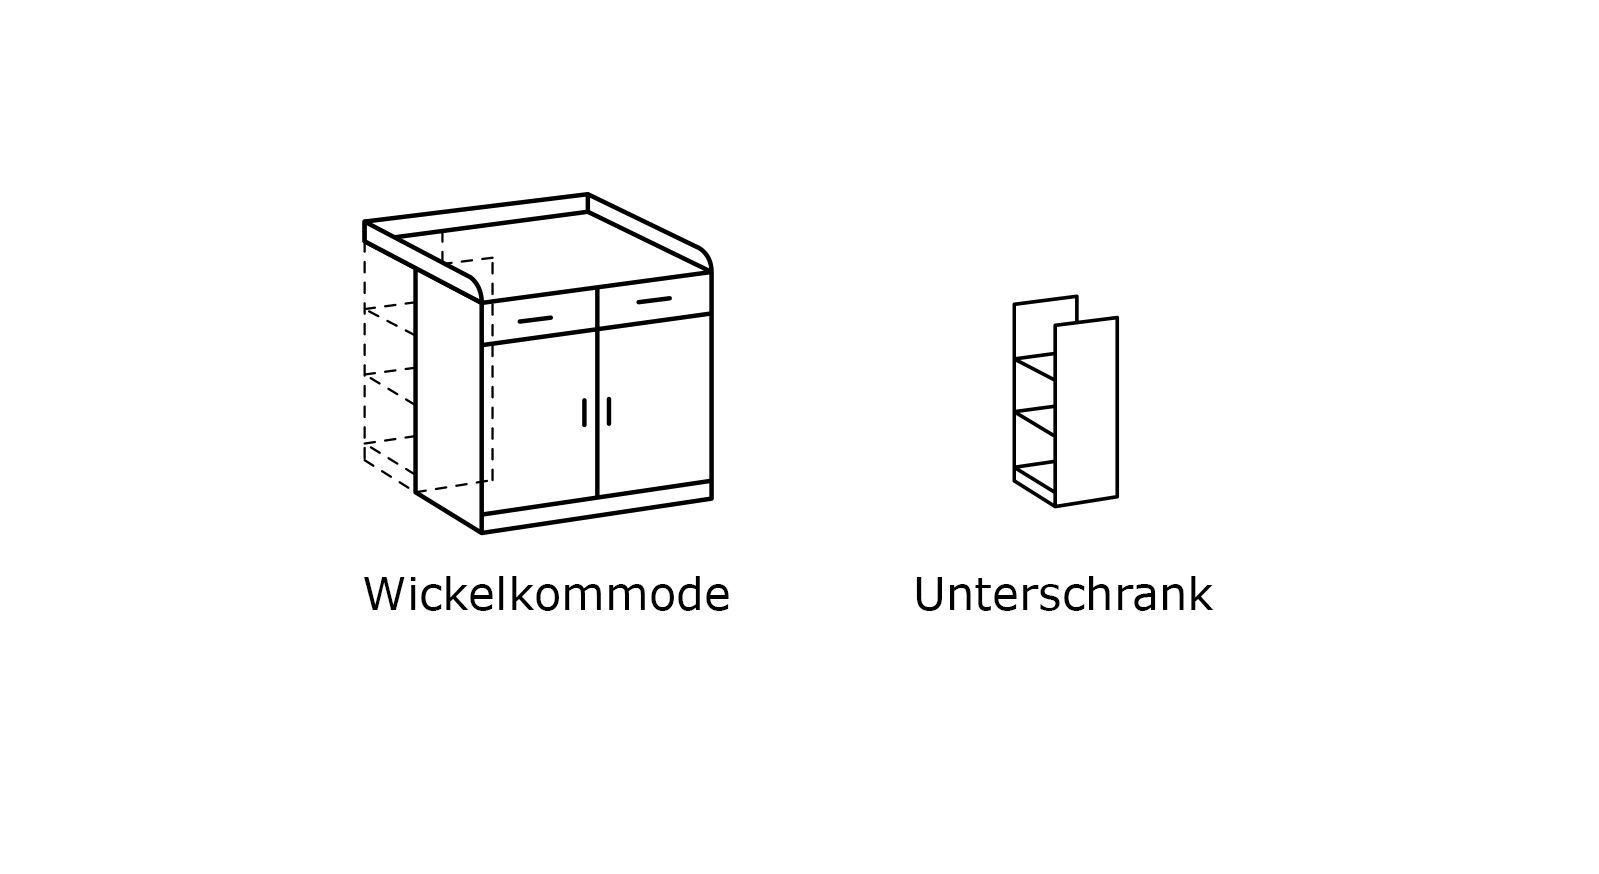 Grafik zu den Komponenten der Wickelkommode